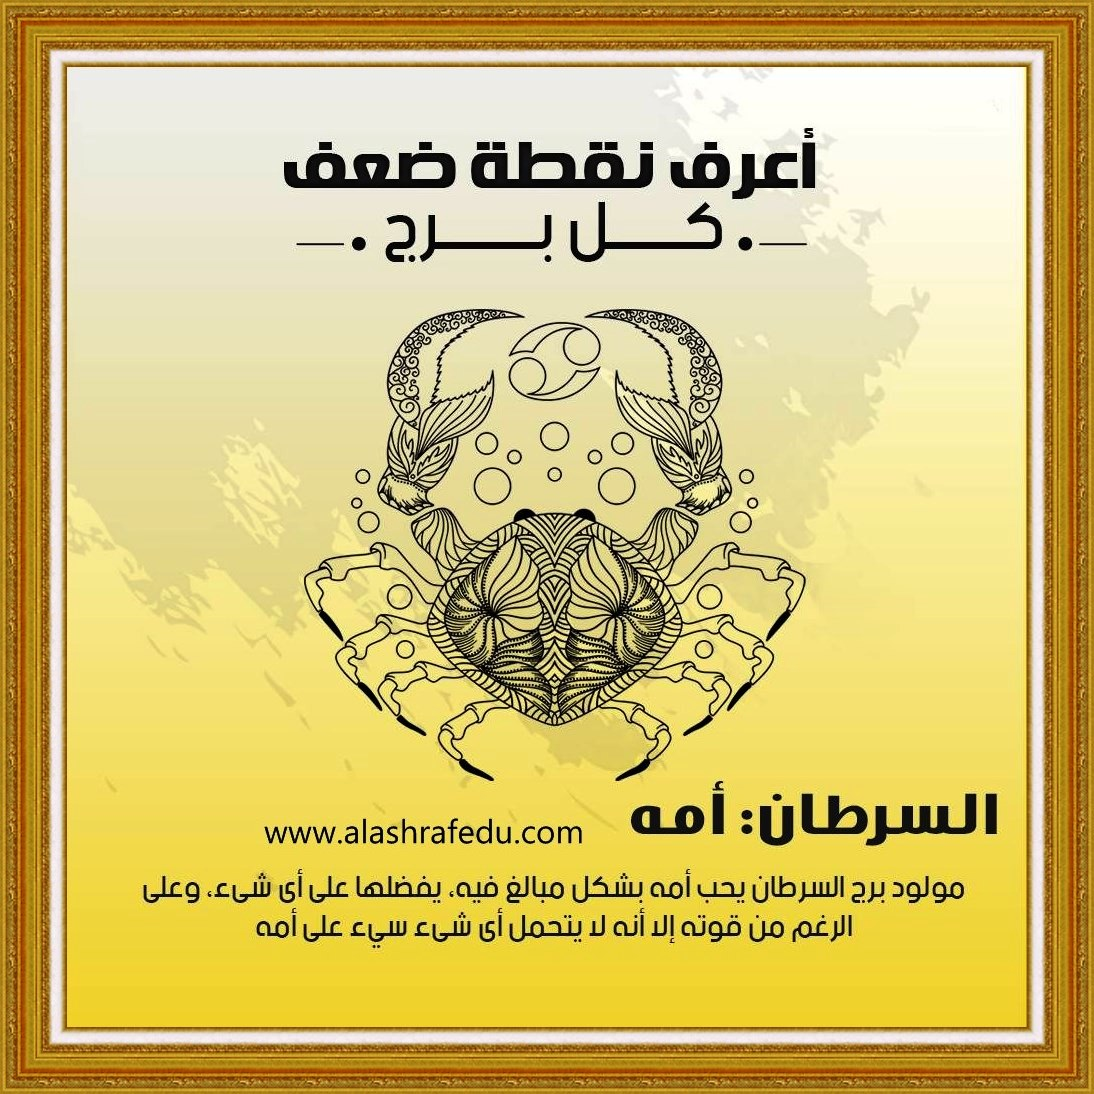 أعرف نقطة 2020 السرطان www.alashrafedu.com1